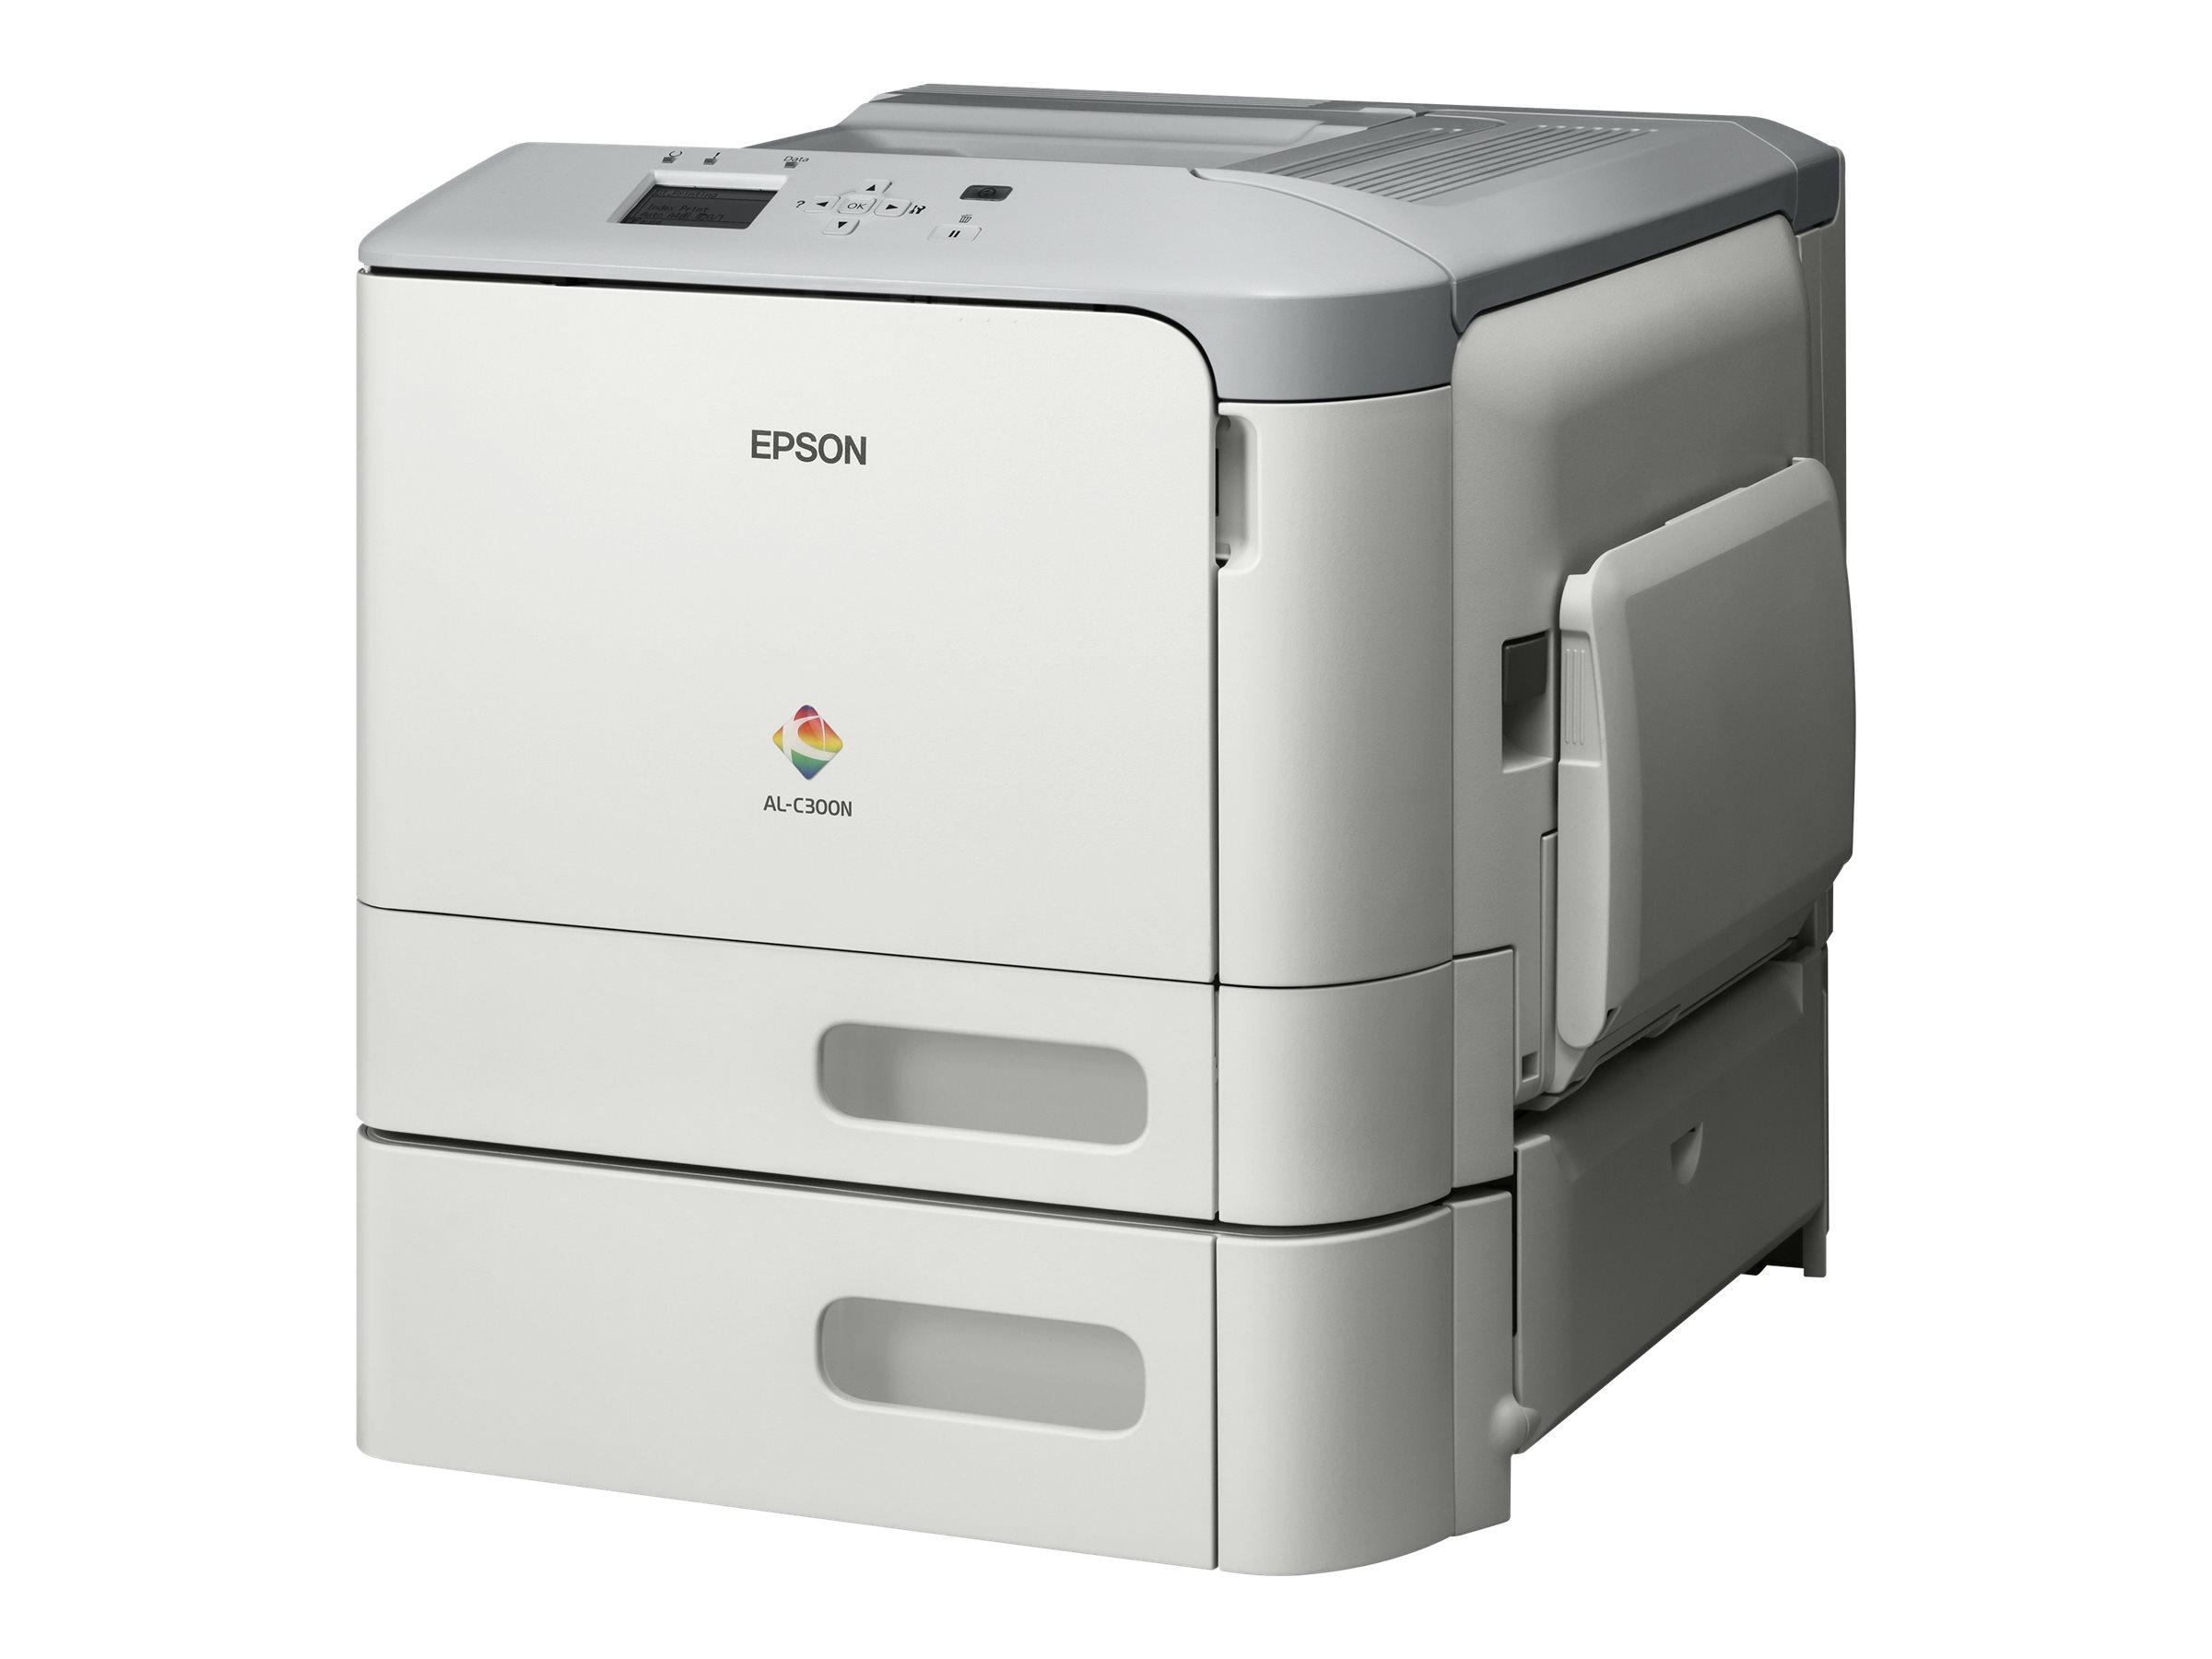 Epson WorkForce AL-C300N - Drucker - Farbe - Laser - A4/Legal - 1200 x 1200 dpi